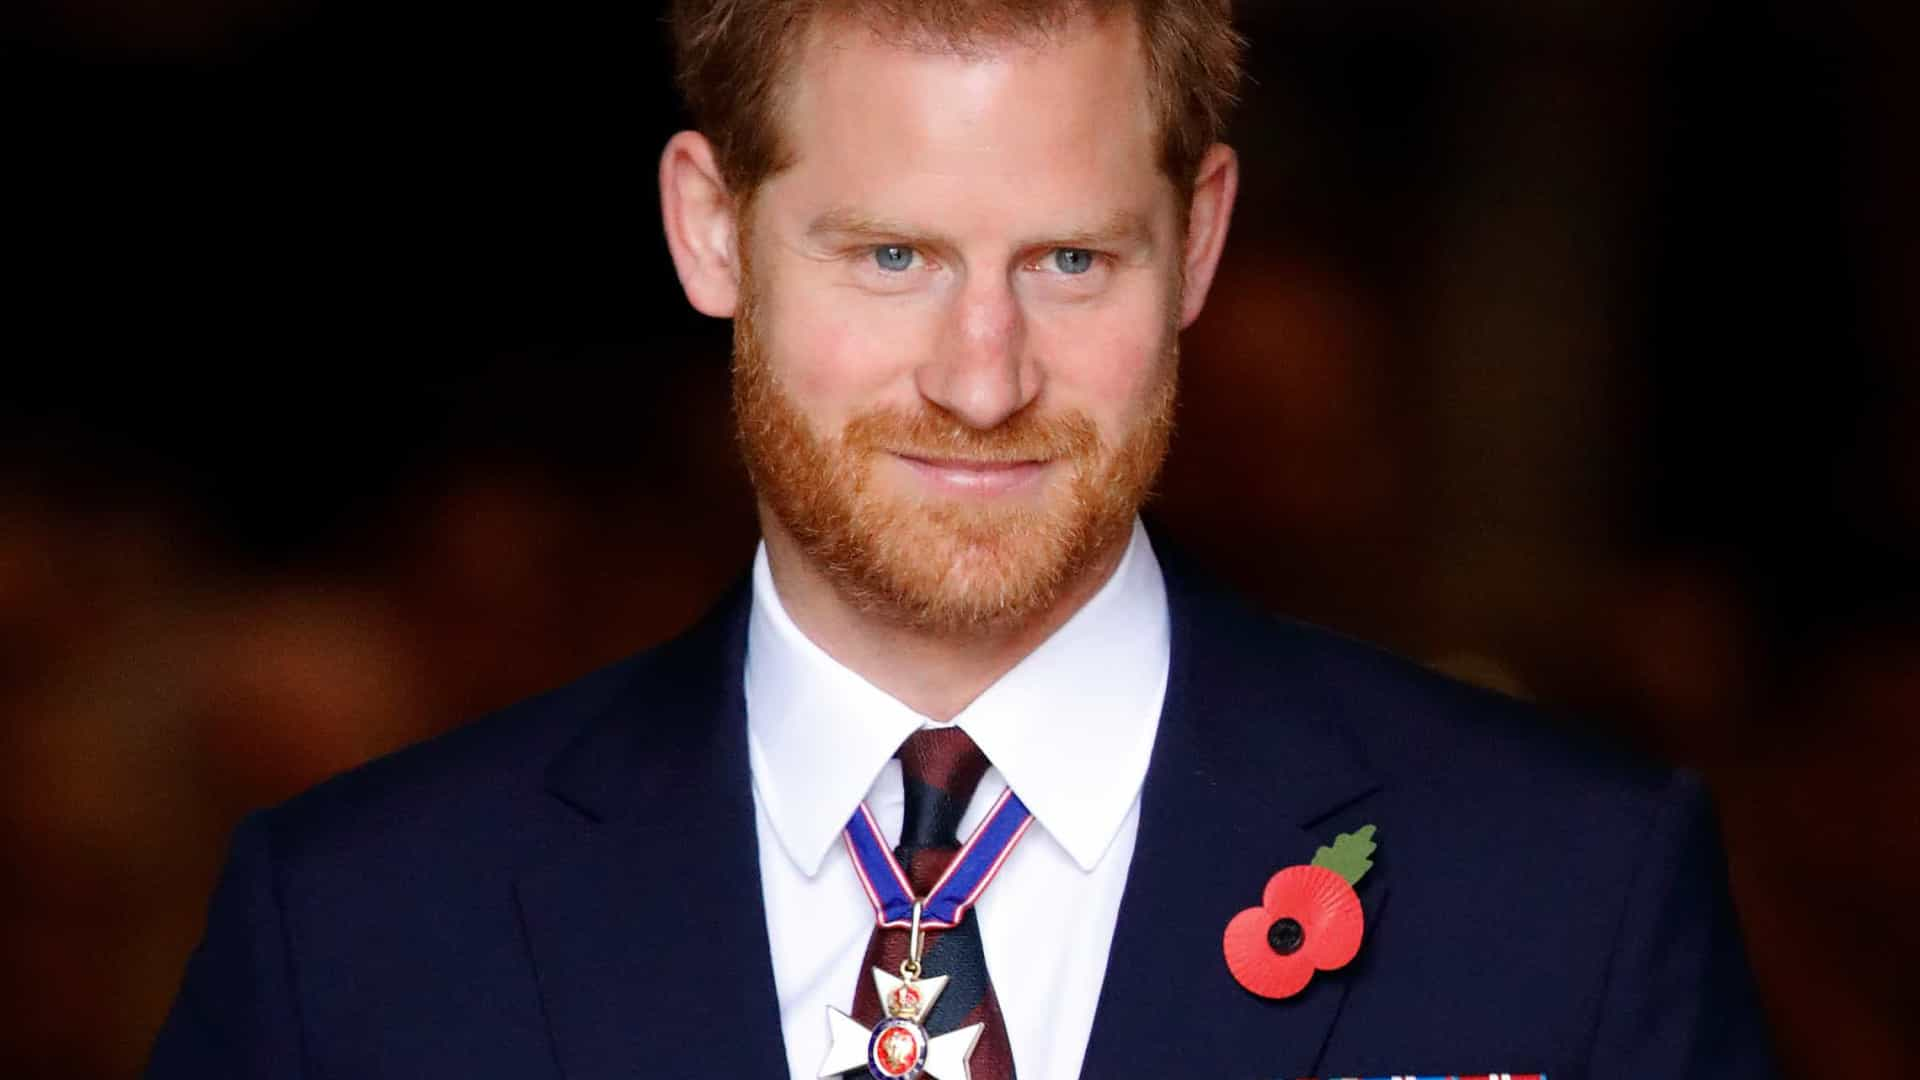 Príncipe Harry teria recebido 20 milhões de dólares para publicar livro